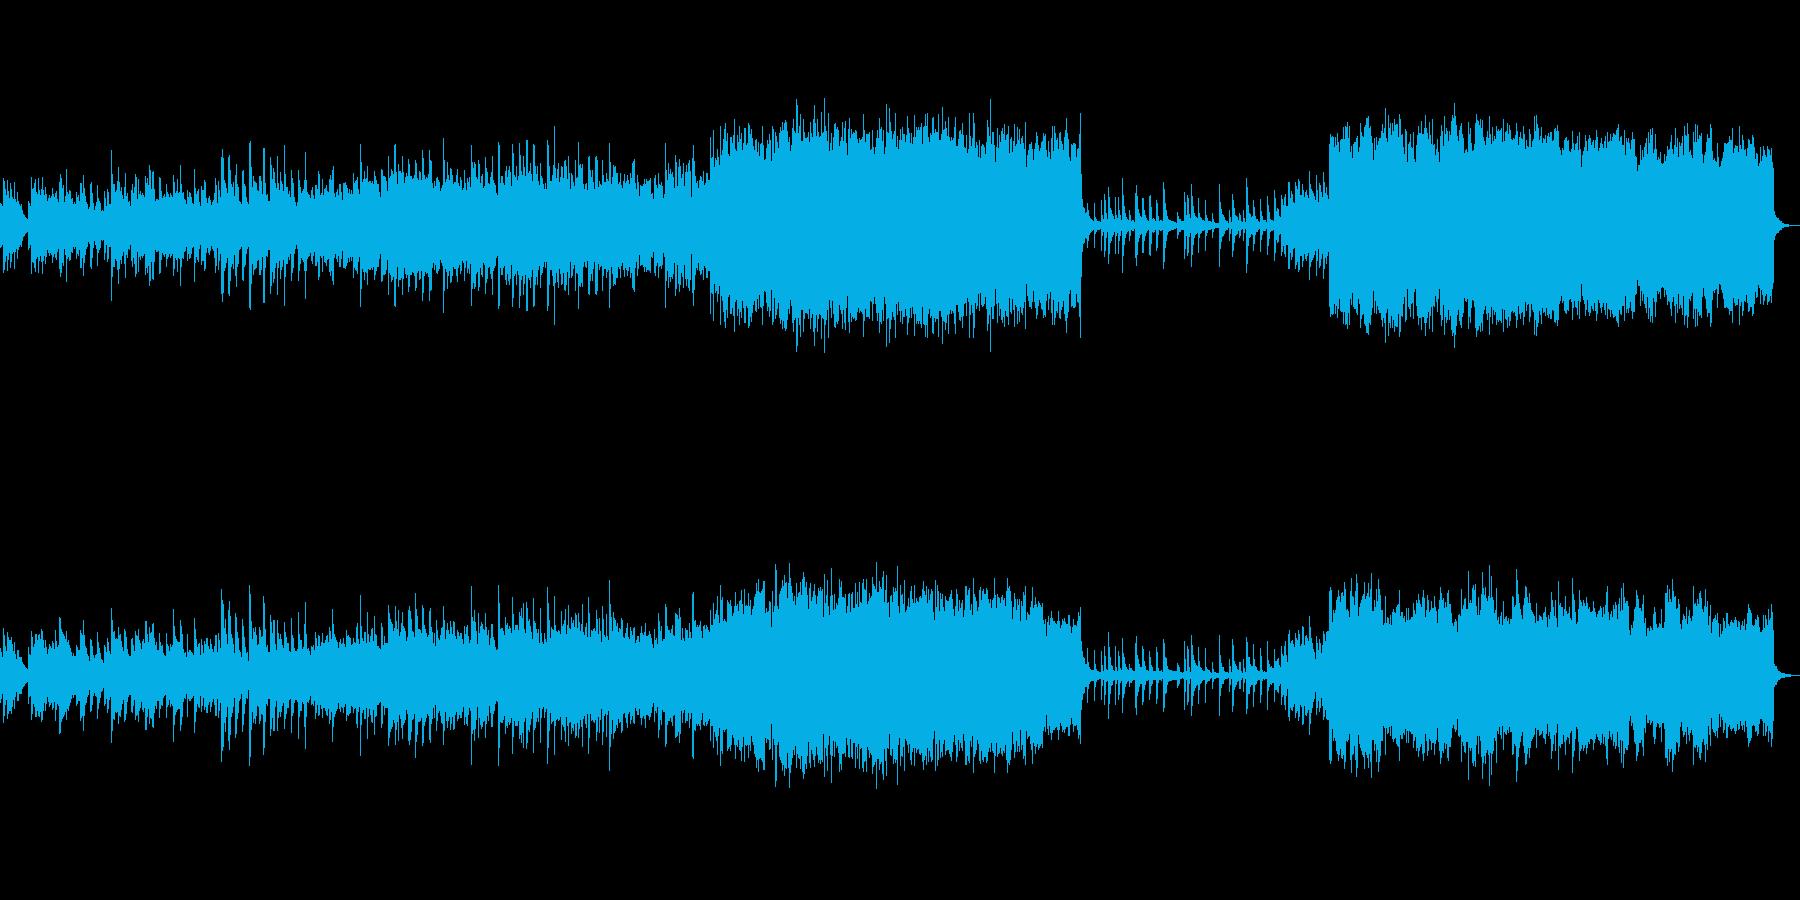 昔々を回想するピアノとストリングスの曲の再生済みの波形